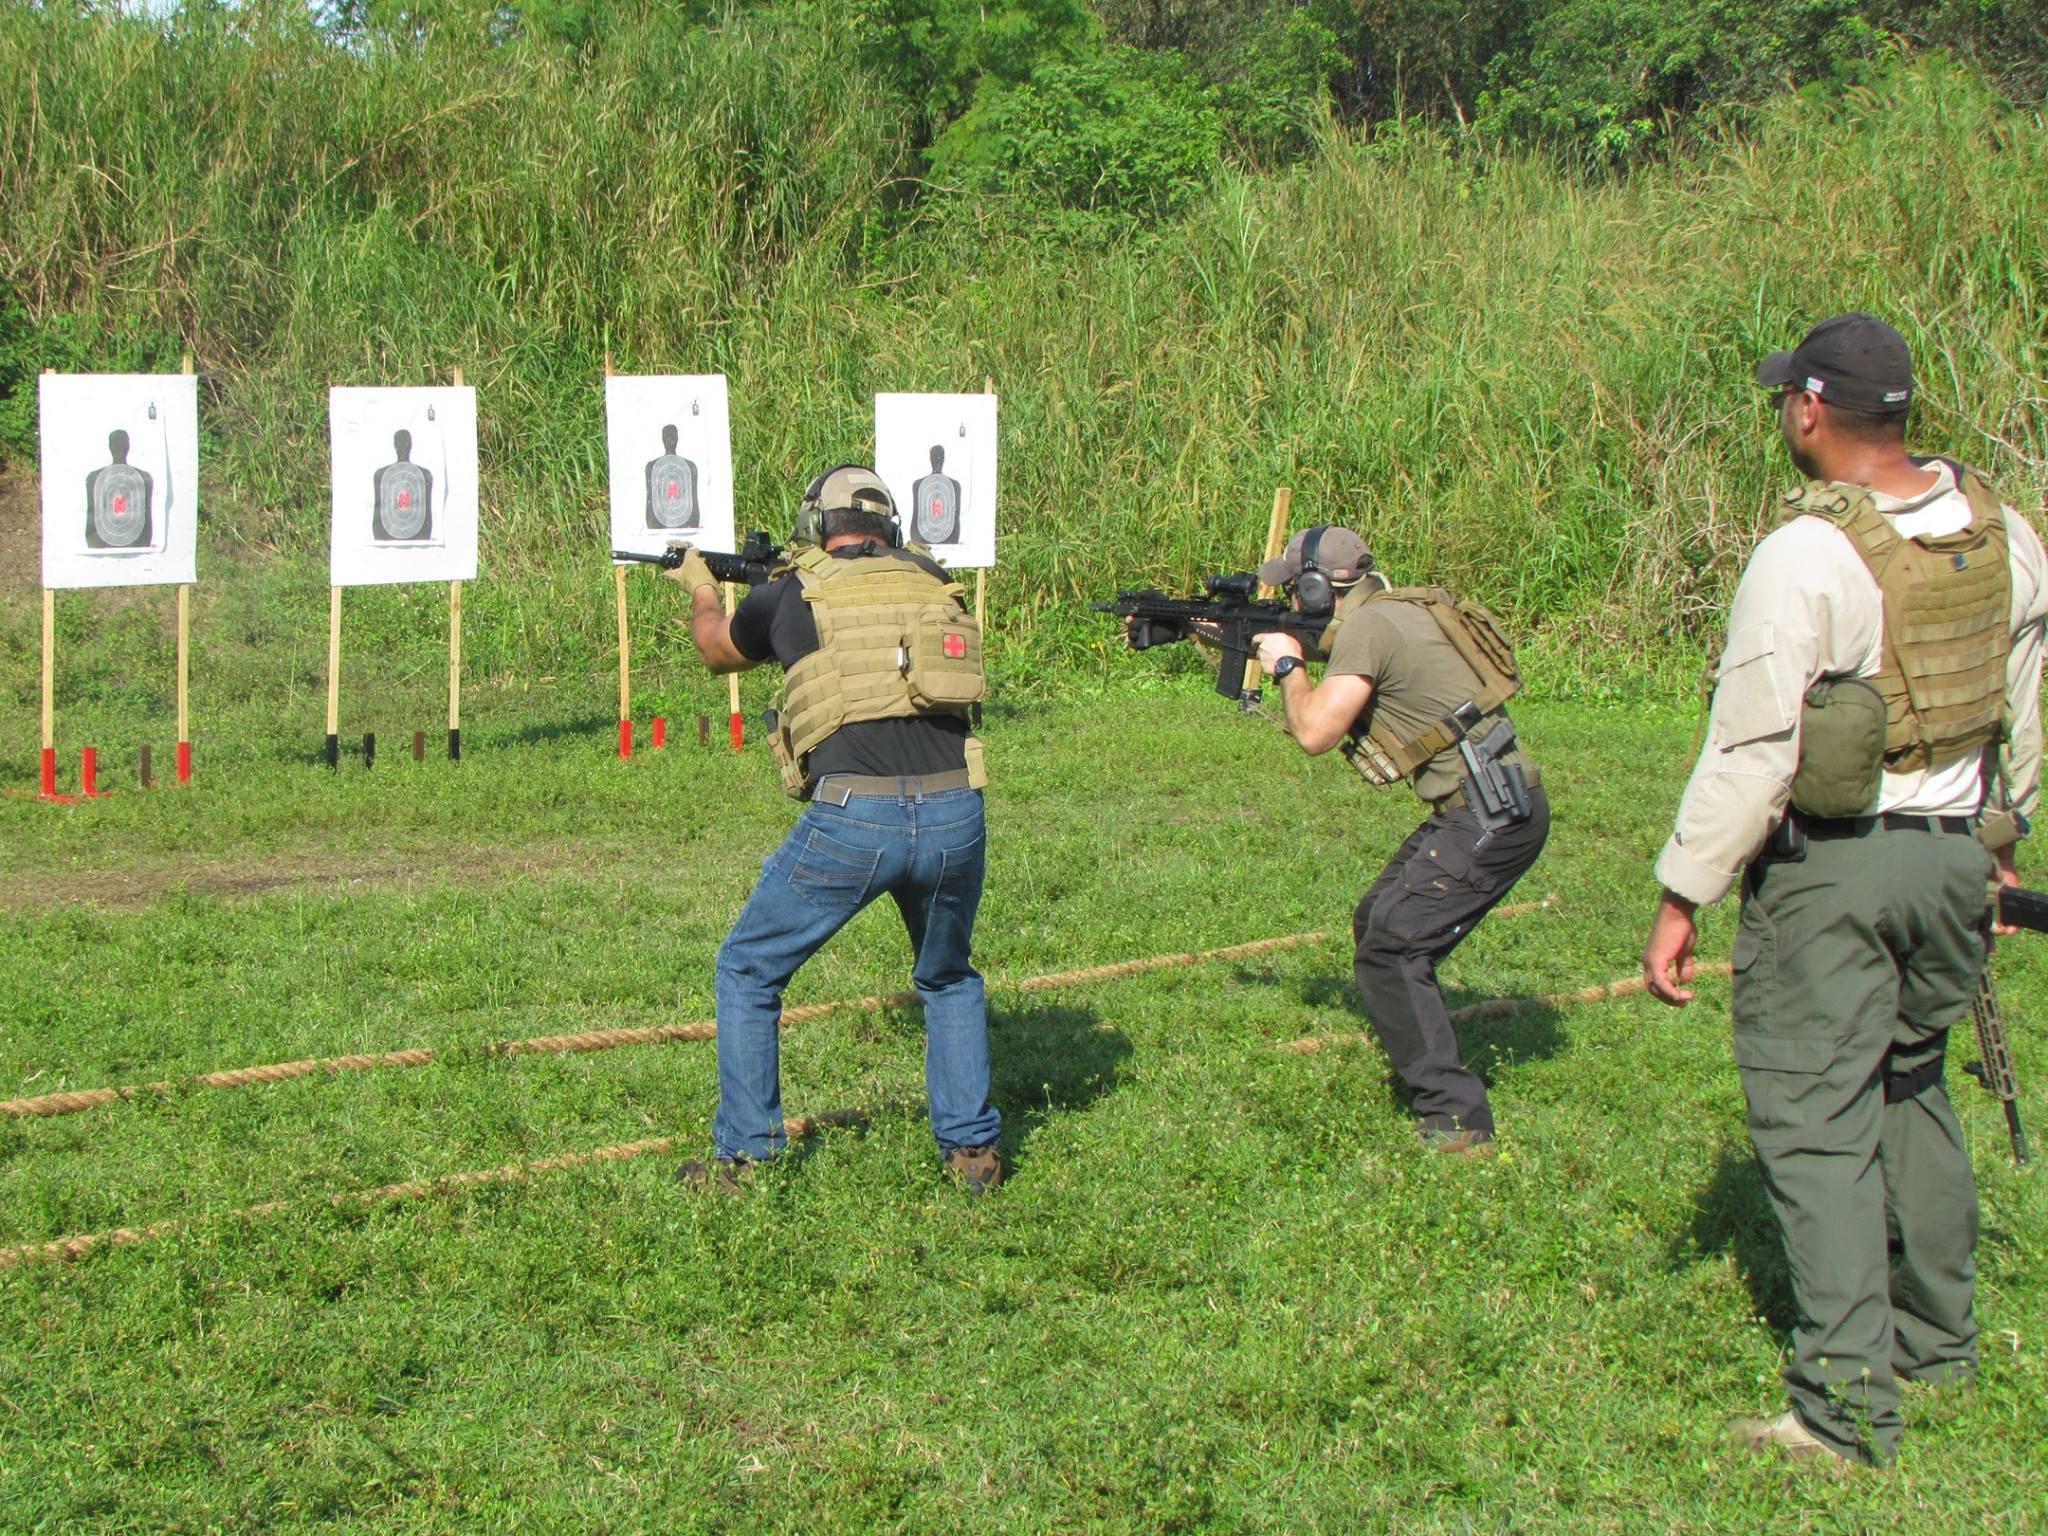 ATT shooting range